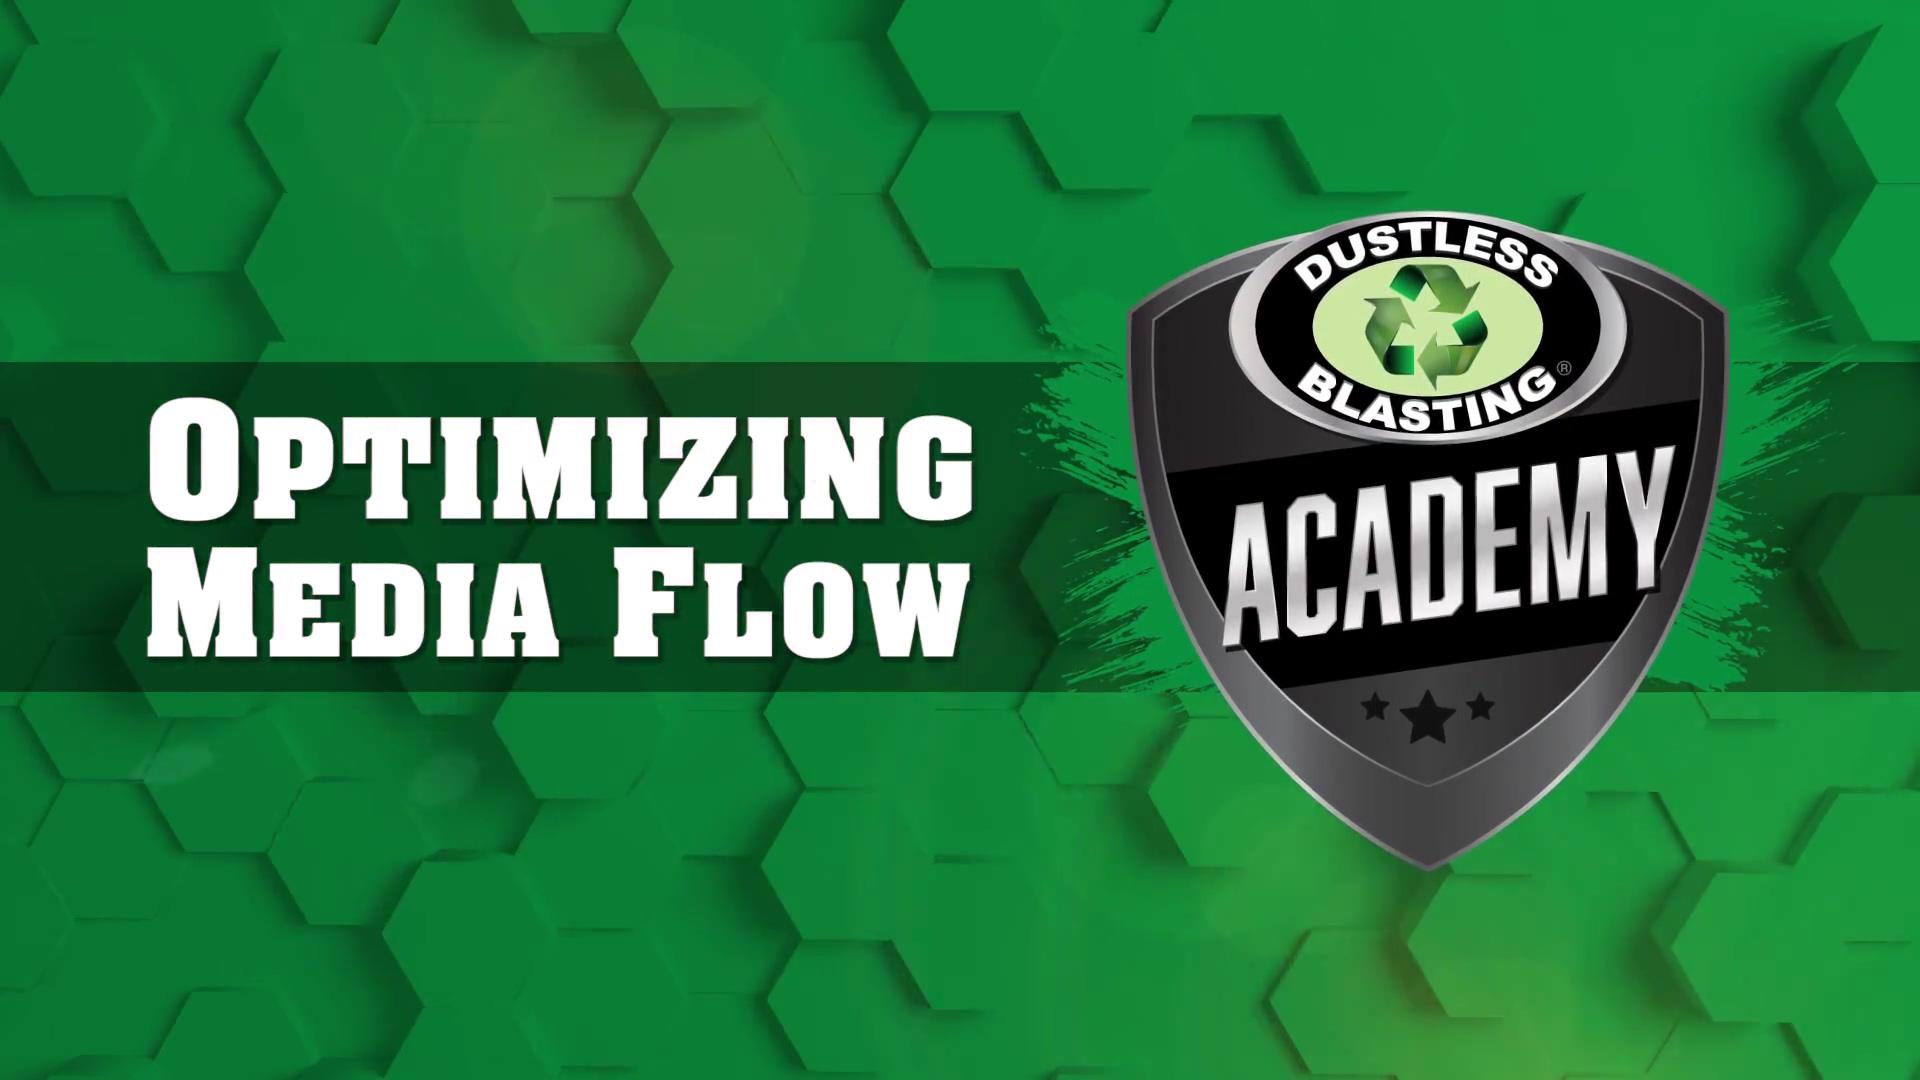 optimizing media flow